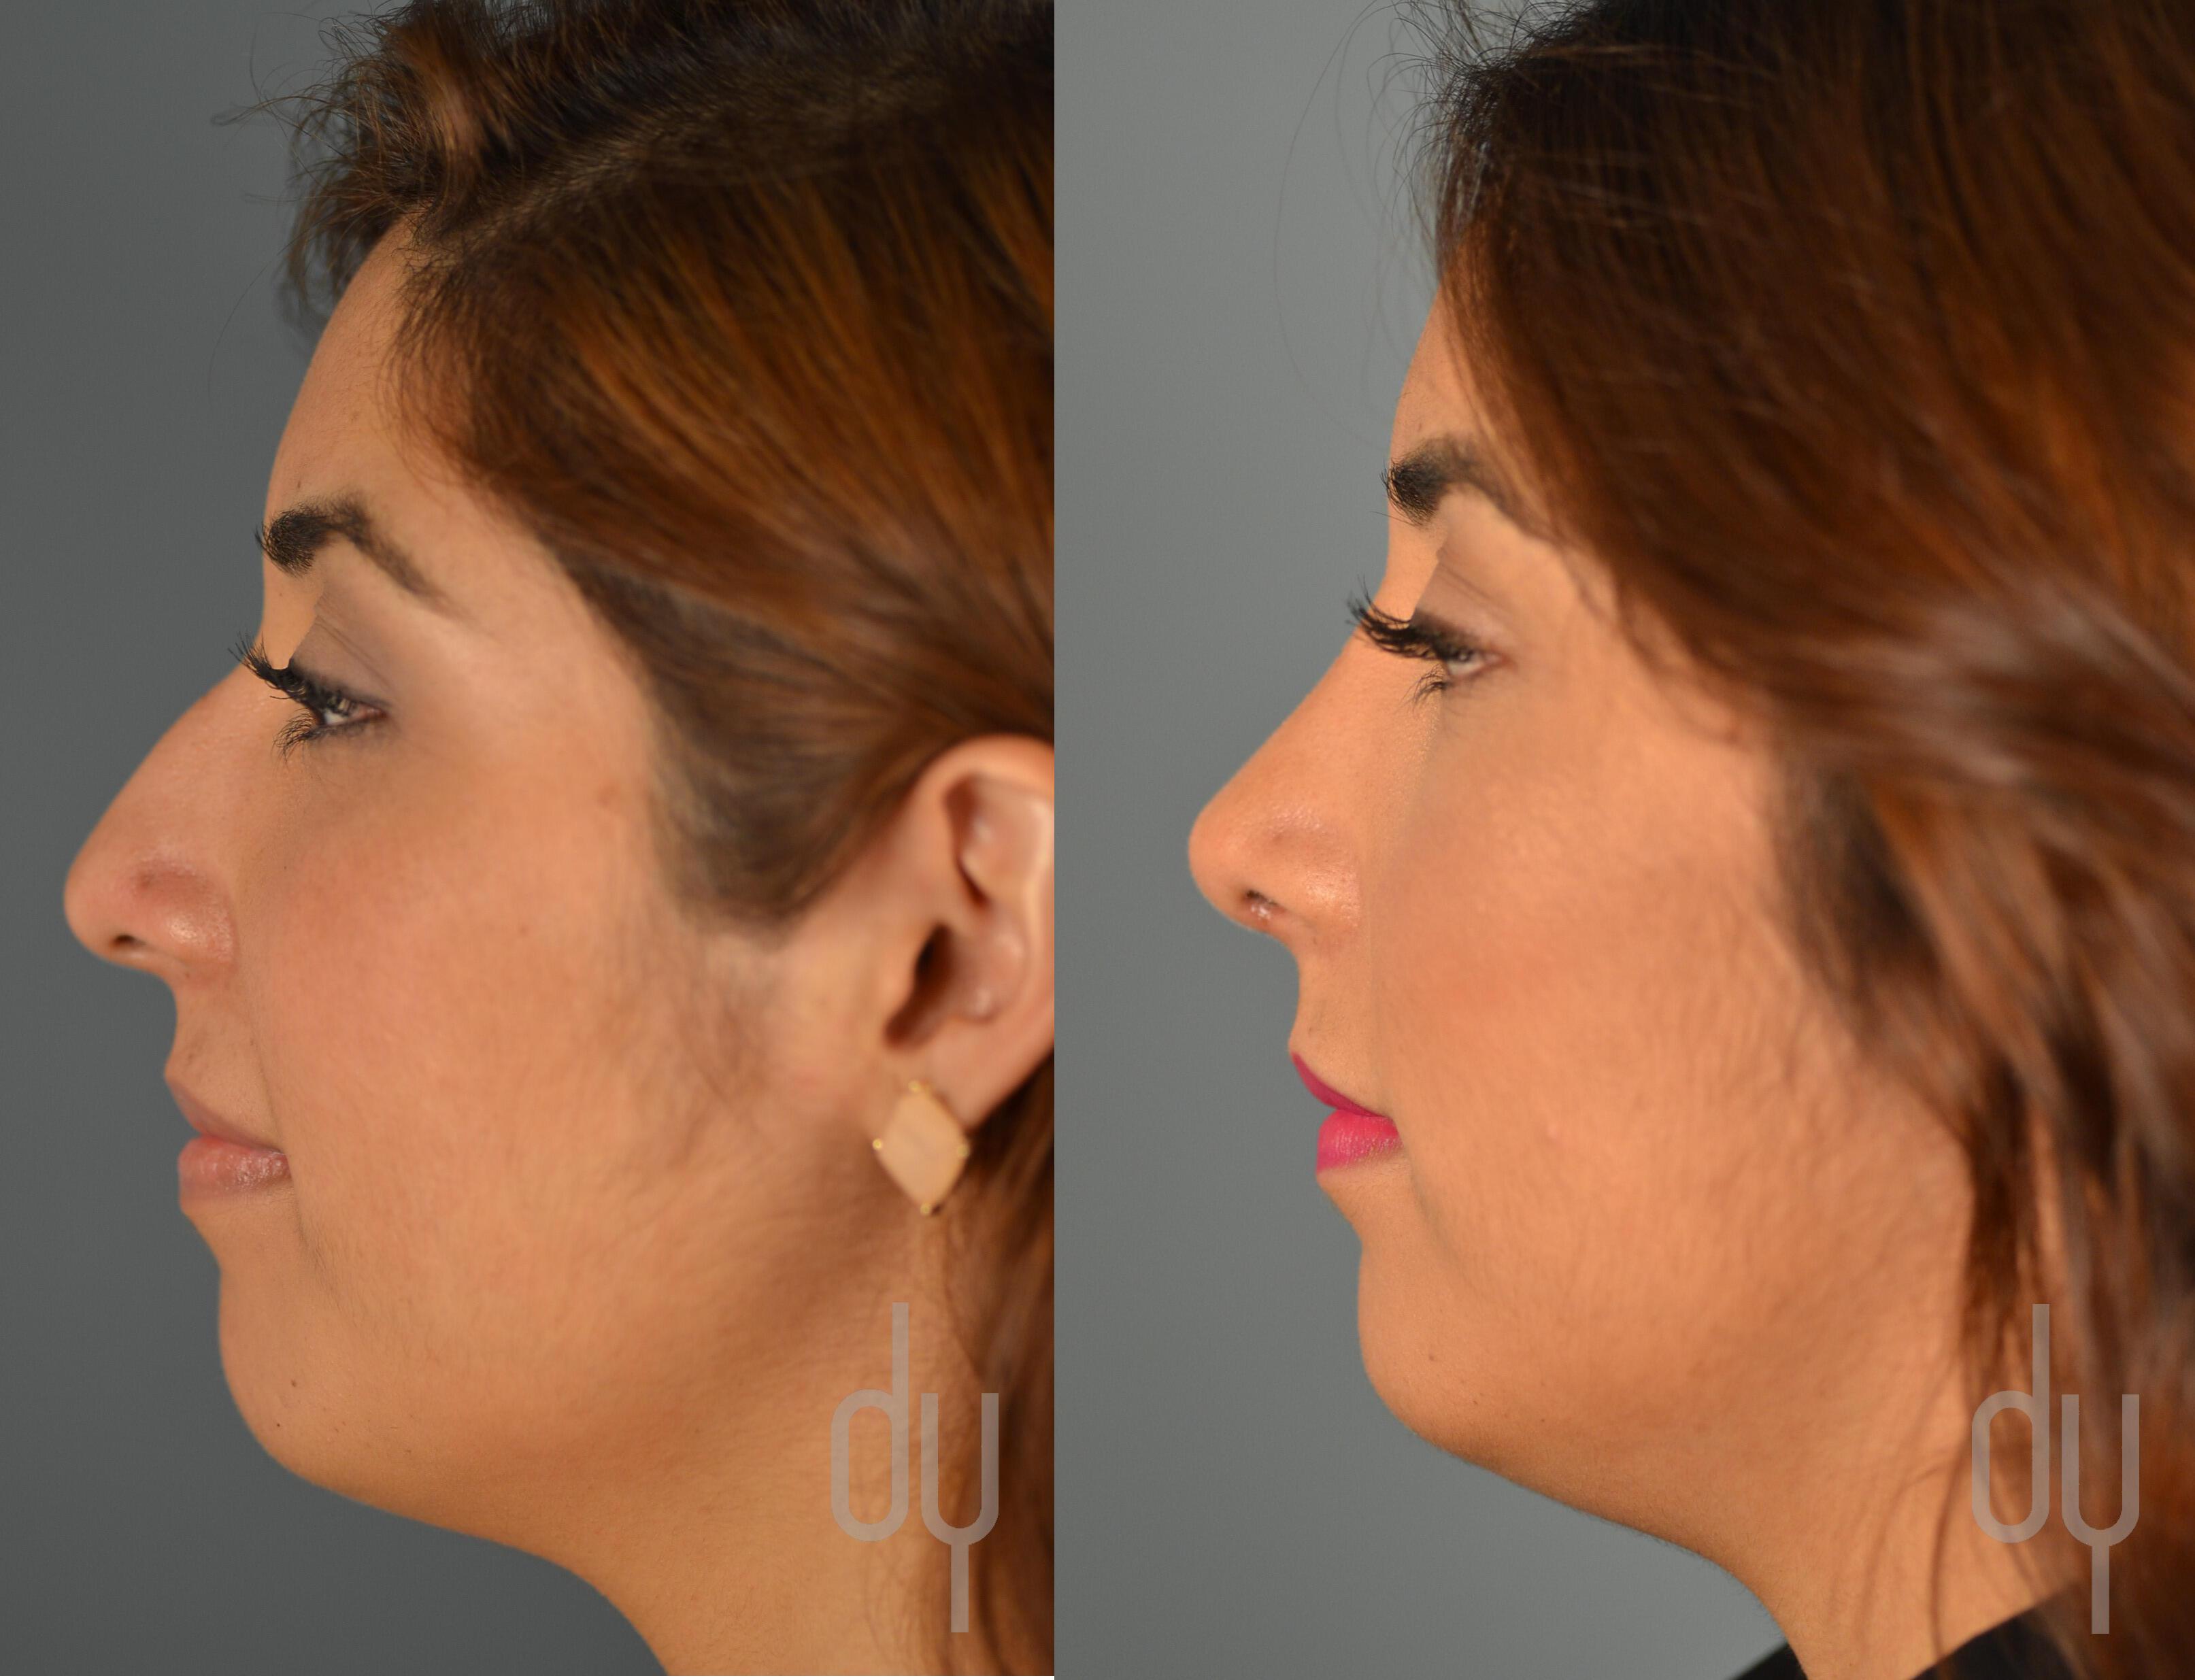 Rhinoplasty Nose Job Recovery With Rhinoplasty